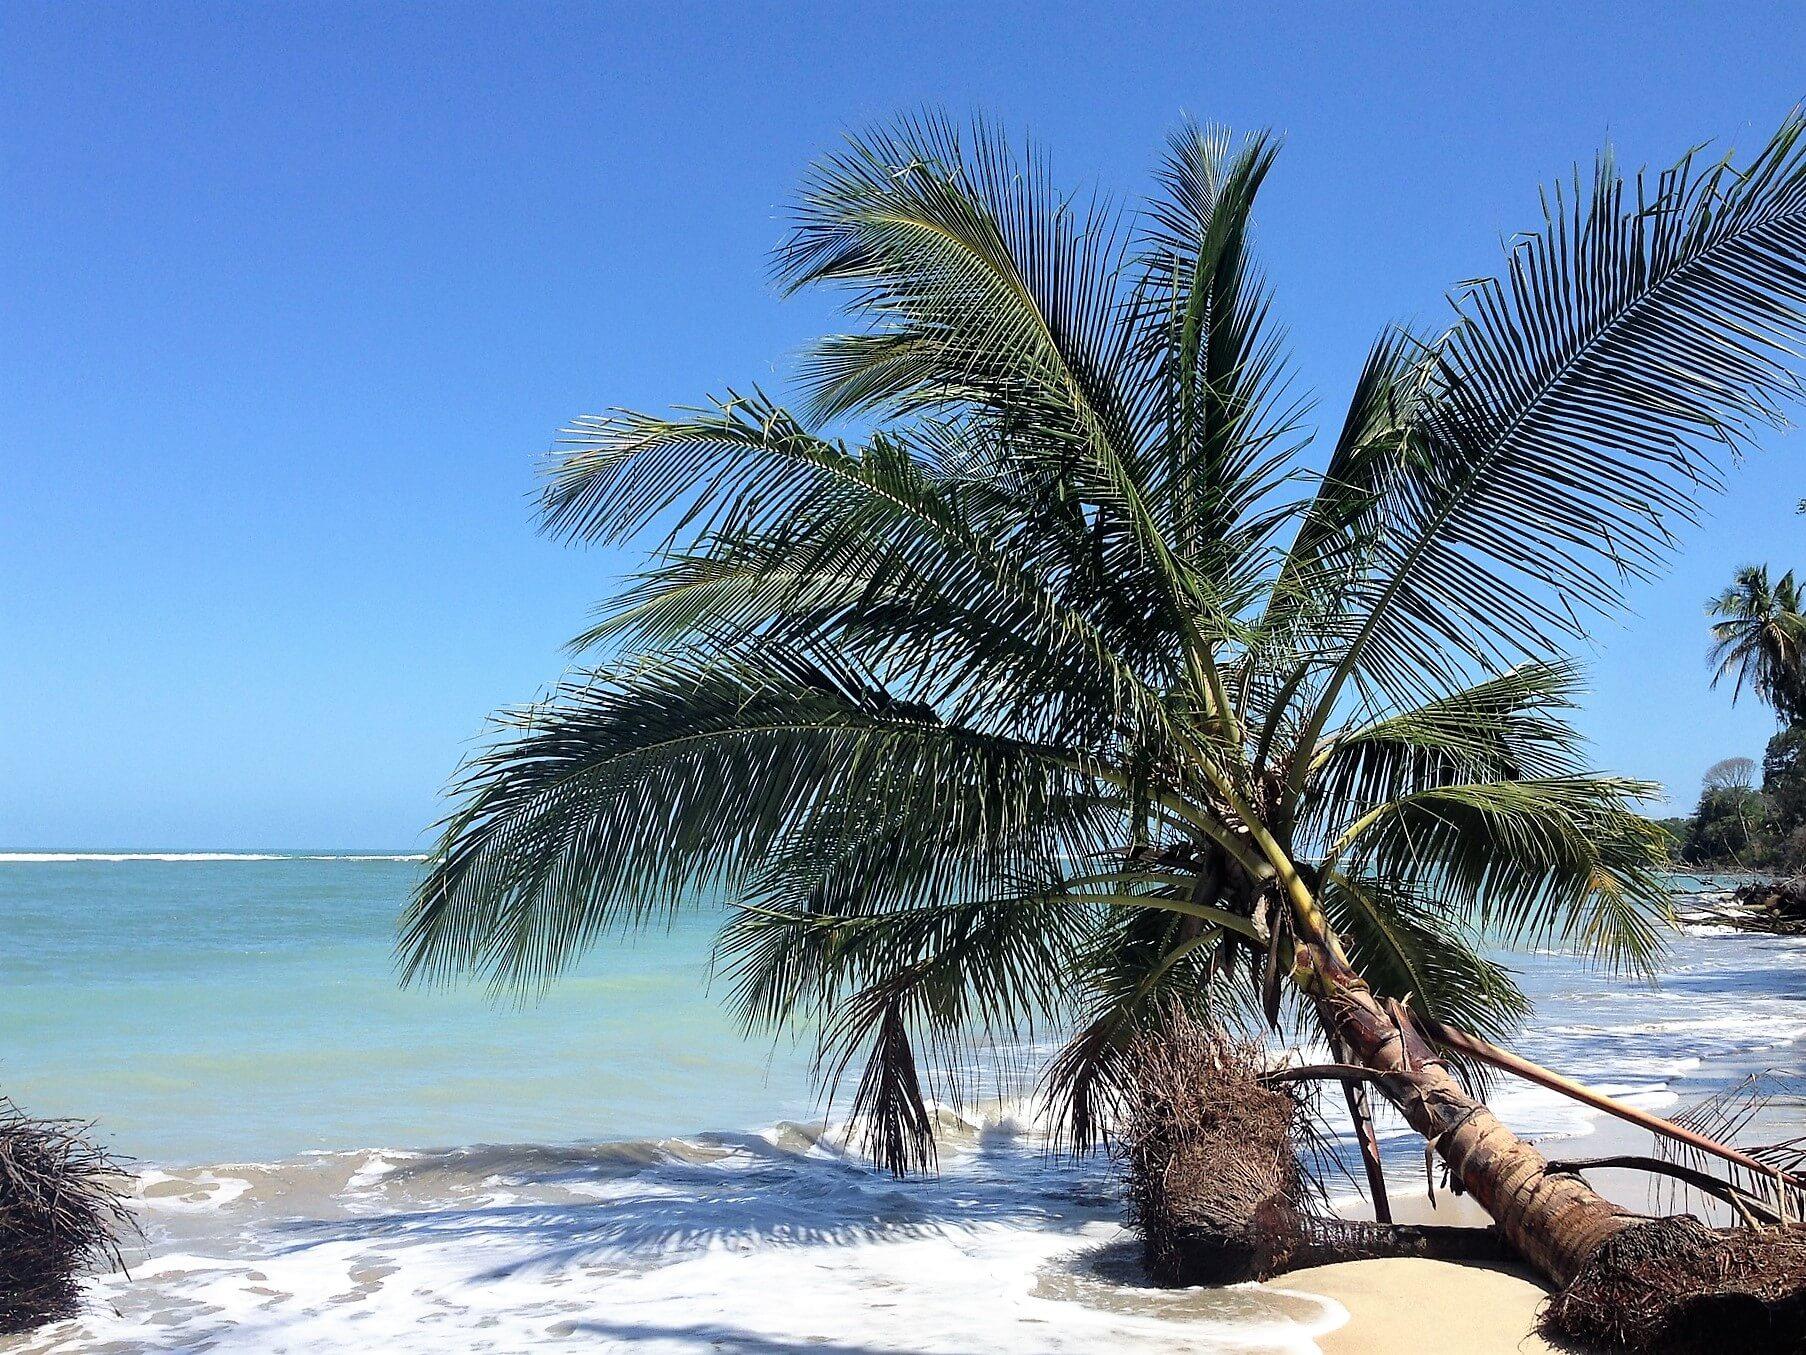 Direktflüge und Billigflüge nach Costa Rica